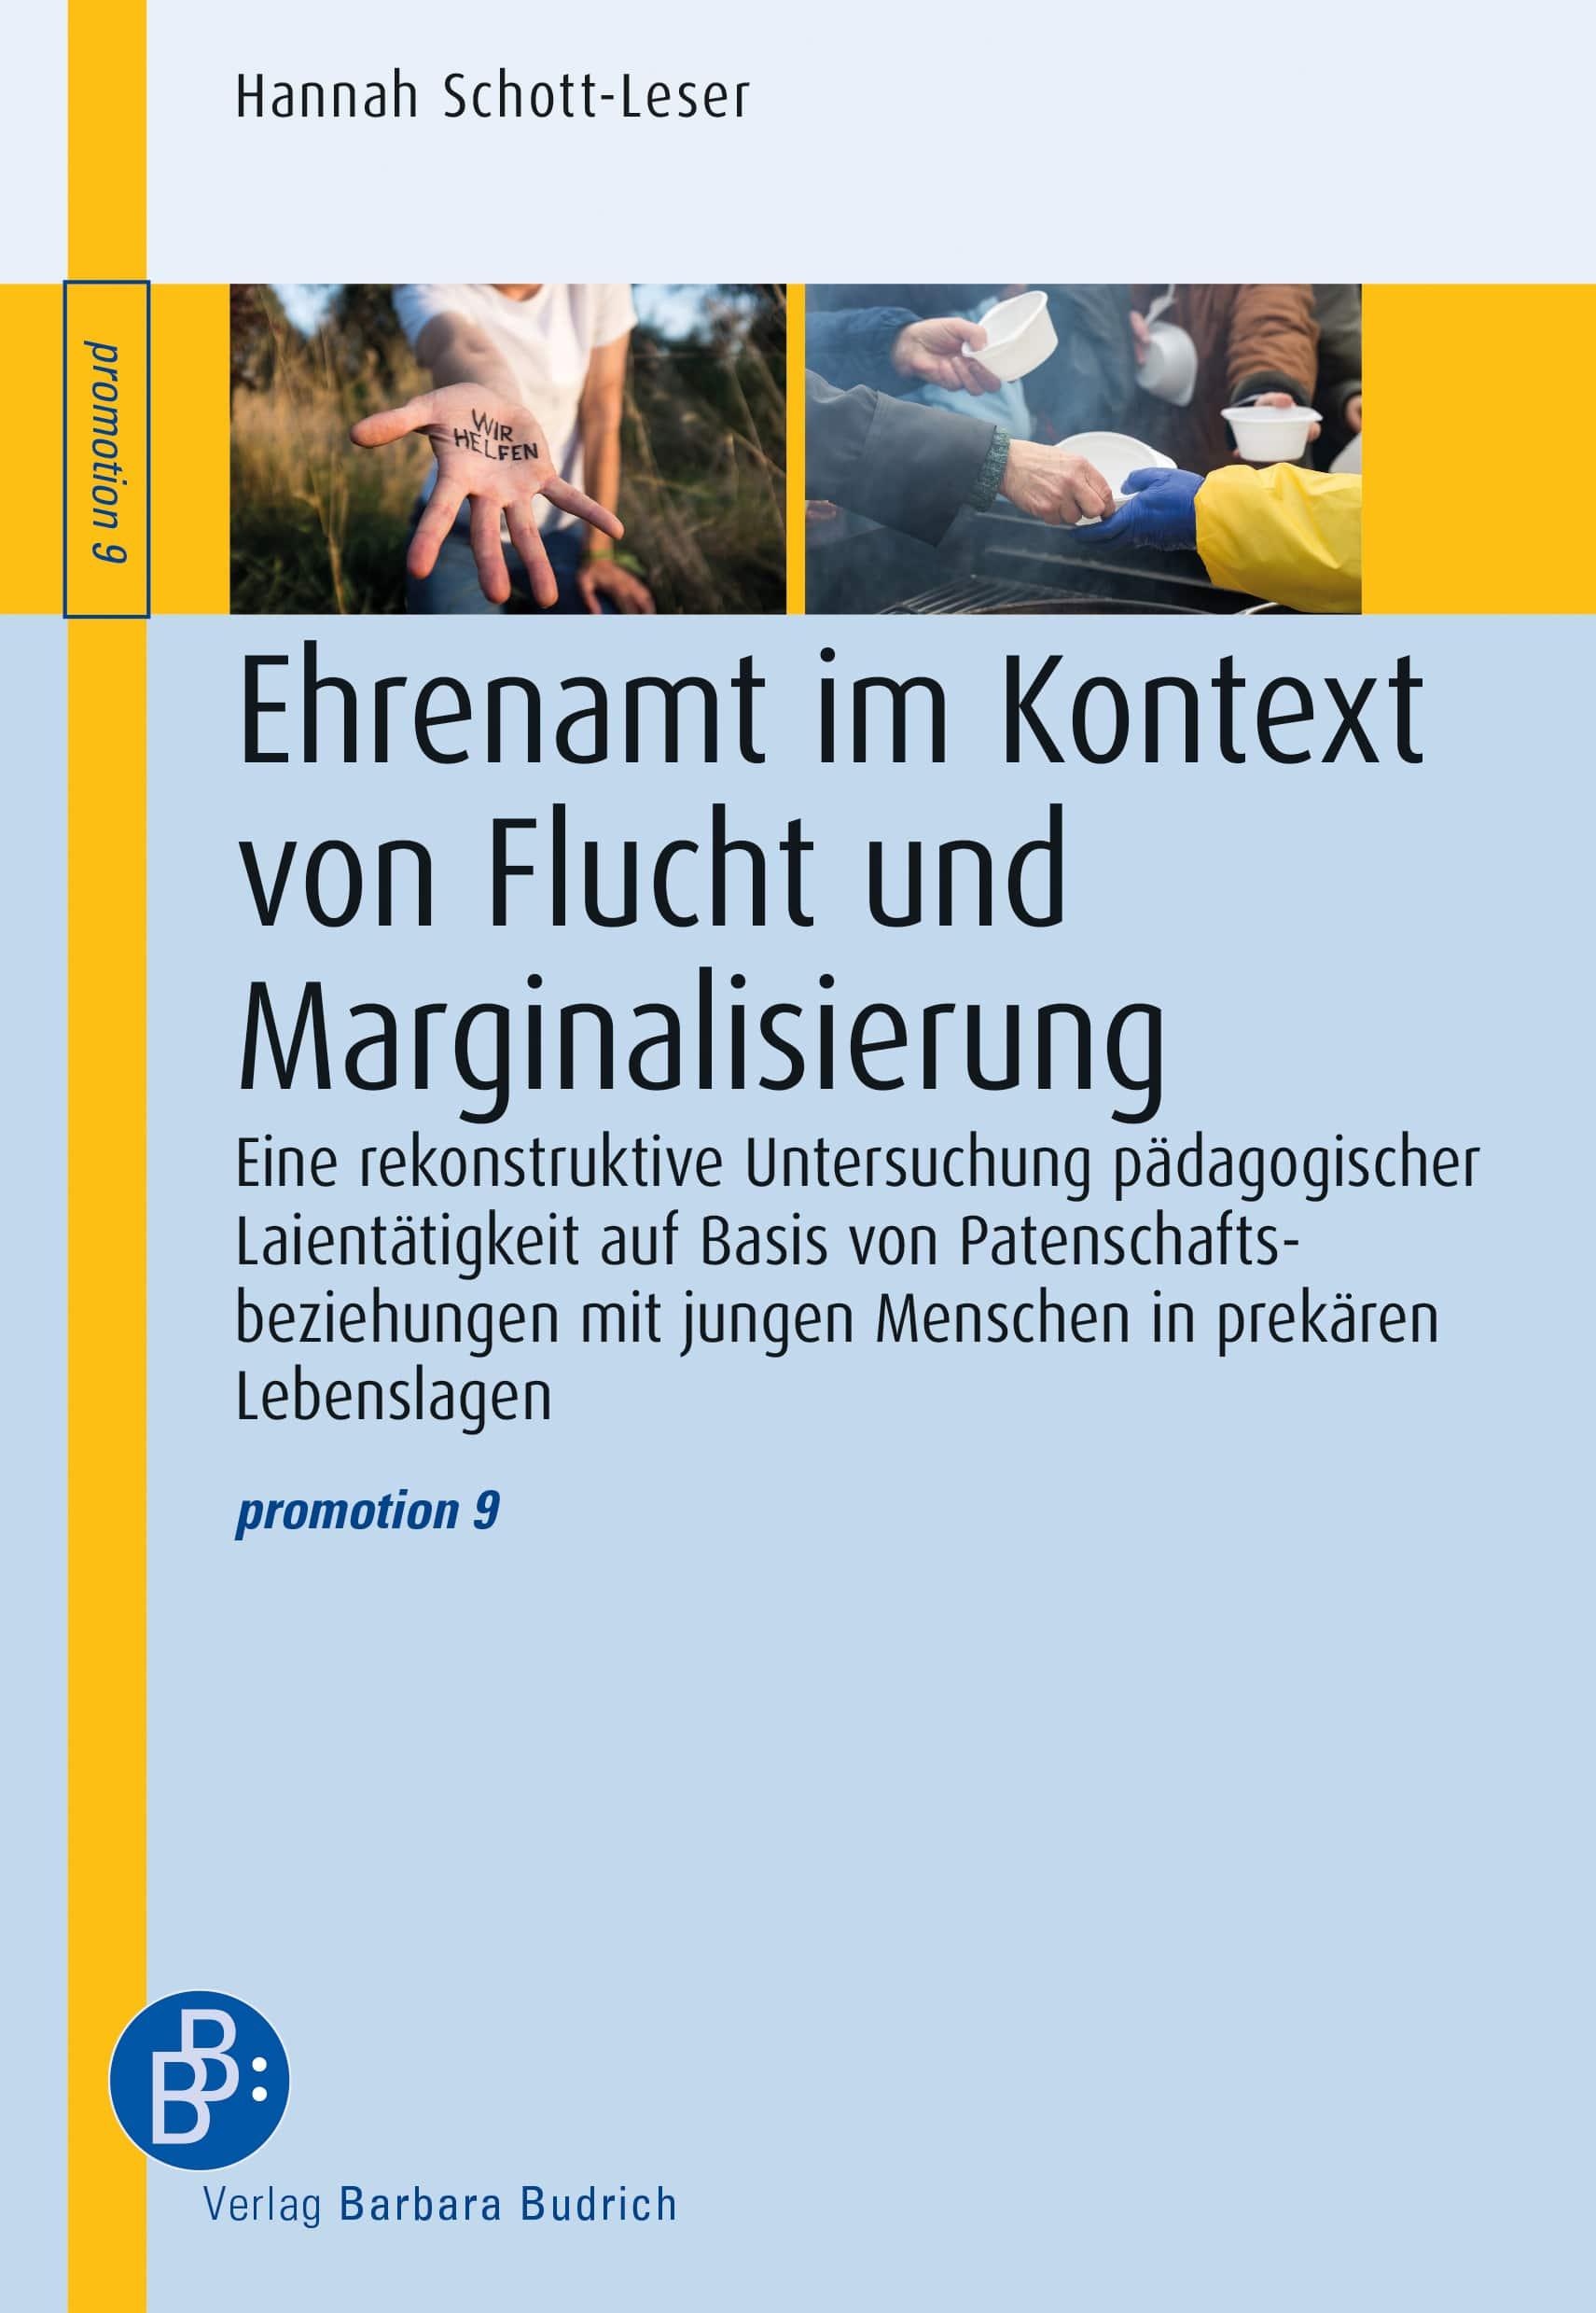 Ehrenamt im Kontext von Flucht und Marginalisierung